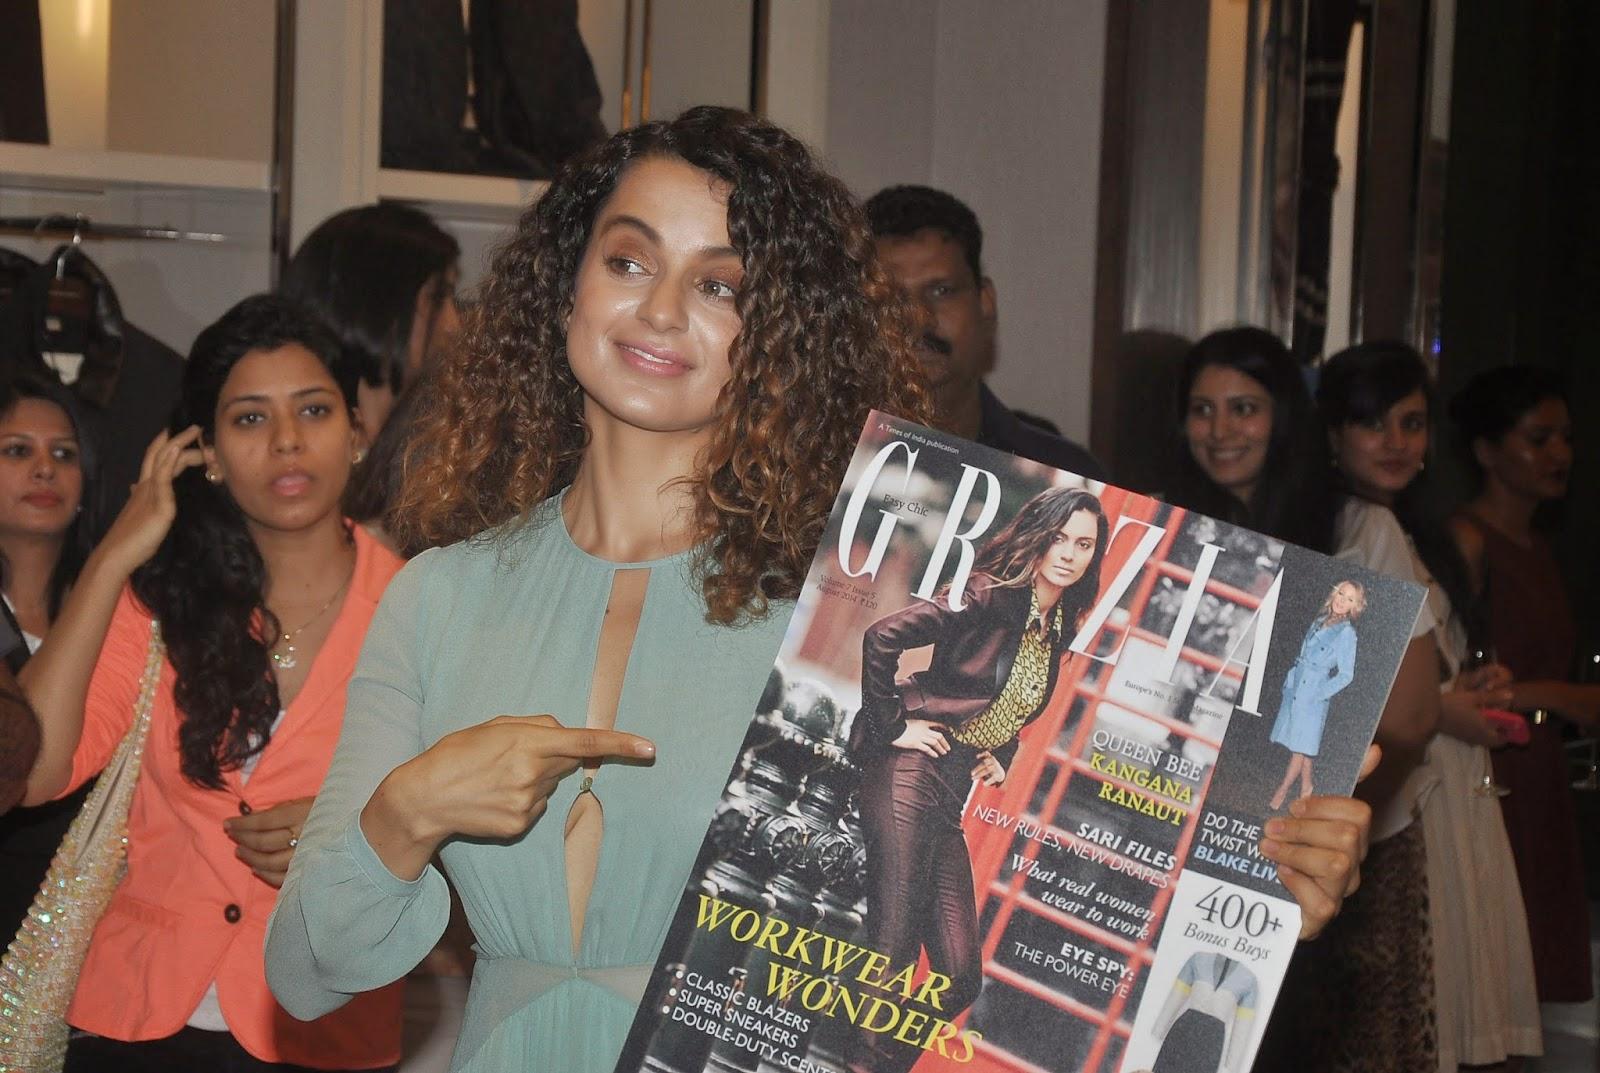 http://4.bp.blogspot.com/-YCmgItjtAew/U924CMZzC4I/AAAAAAAAqXs/ln3z3k0xq5U/s1600/Kangana+Ranaut+Unveils+The+Latest+Issue+Of+Grazia+Magazine+Images+(2).JPG